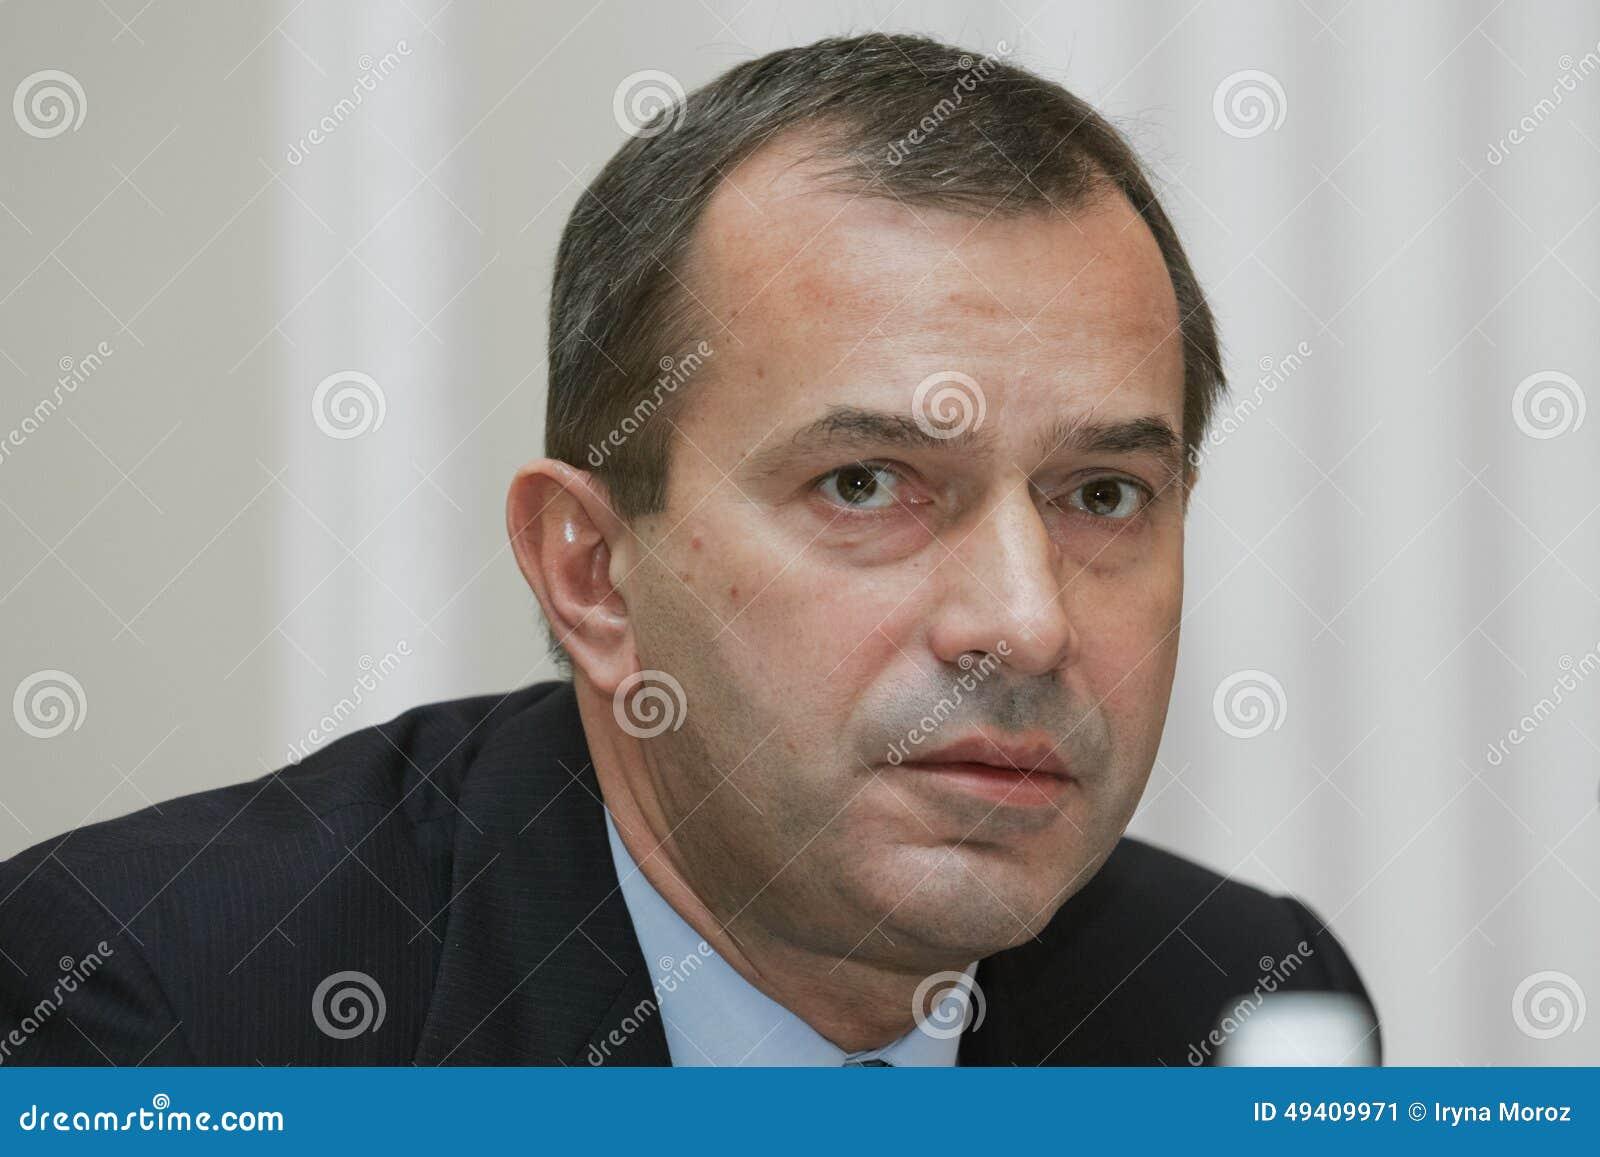 Download Andrej Petrovich Klyuev redaktionelles foto. Bild von öffentlichkeit - 49409971